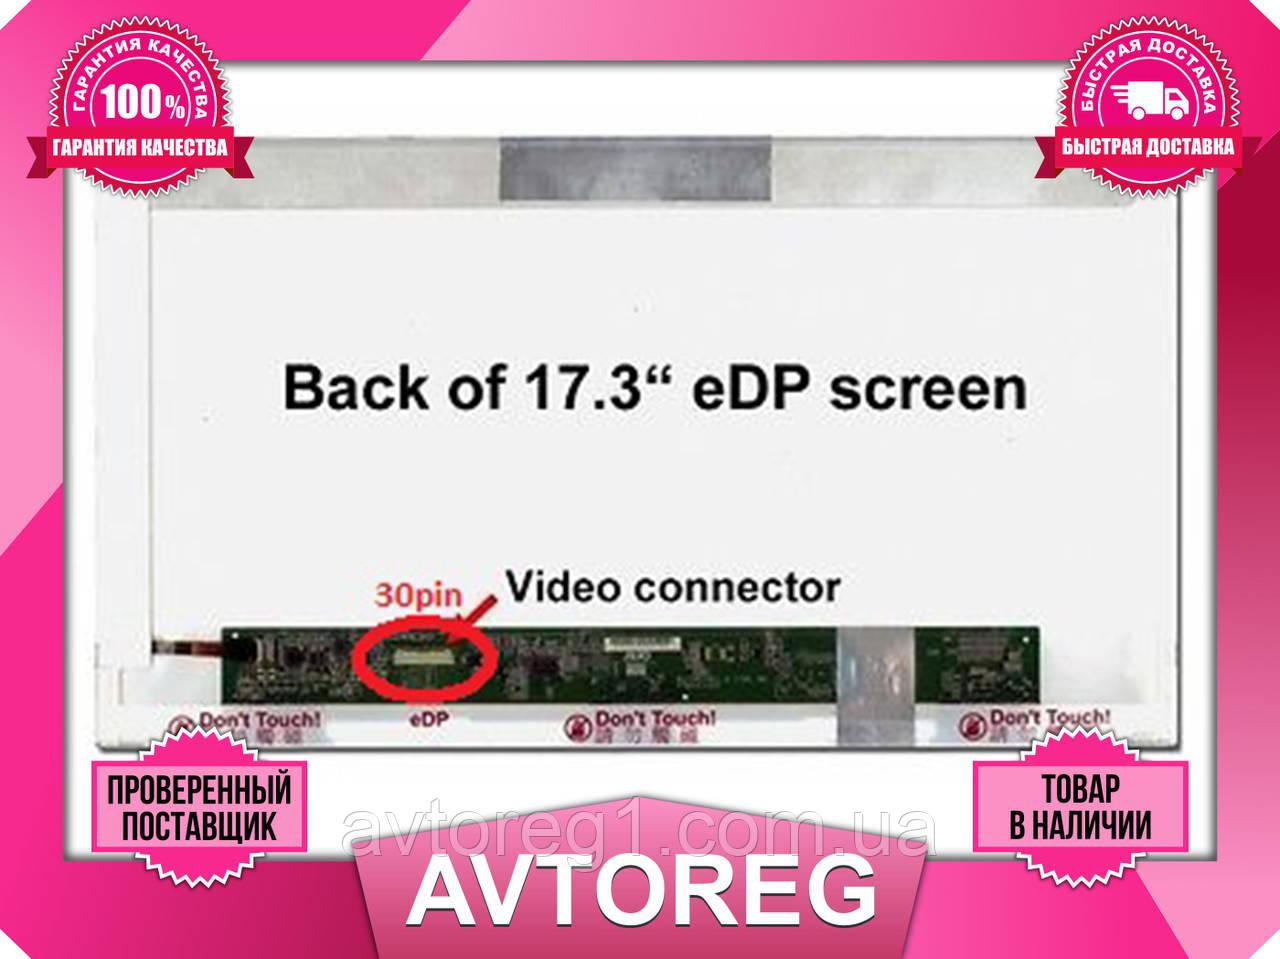 """Матрица 17.3"""" для Acer ASPIRE ES1-731-C1HB - AVTOREG в Киевской области"""